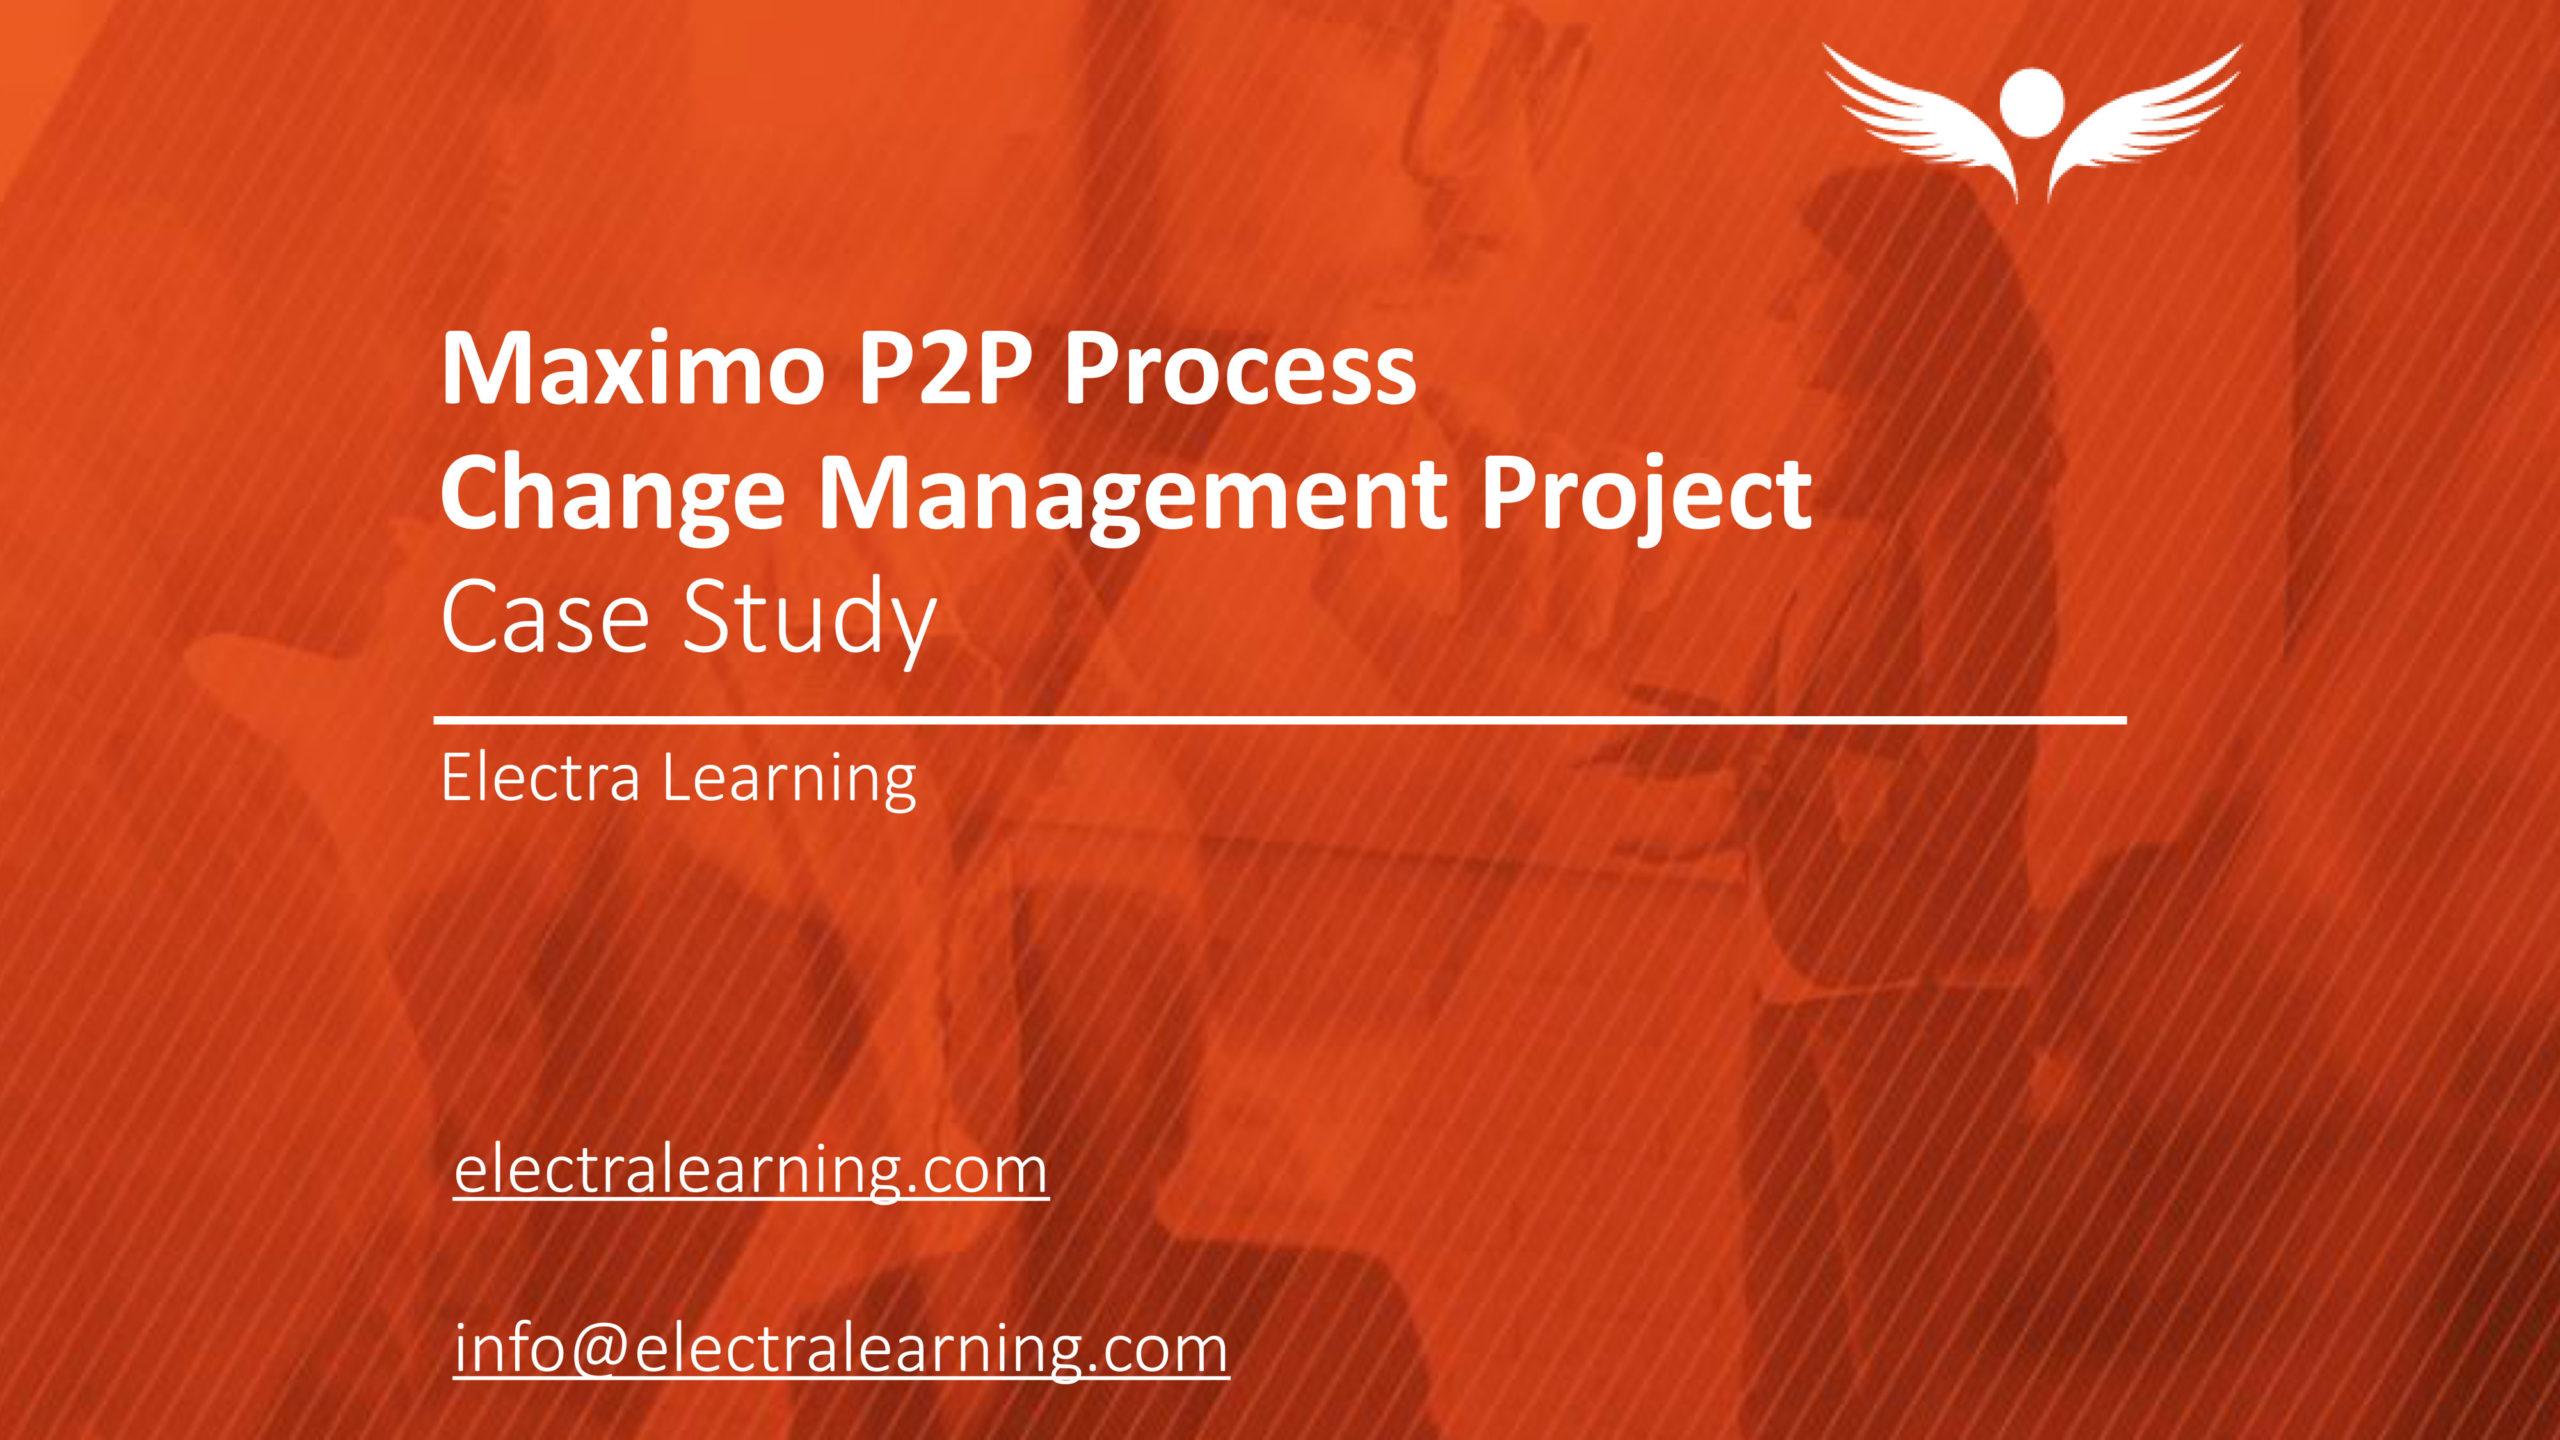 Repsol Maximo P2P Process: Case Study